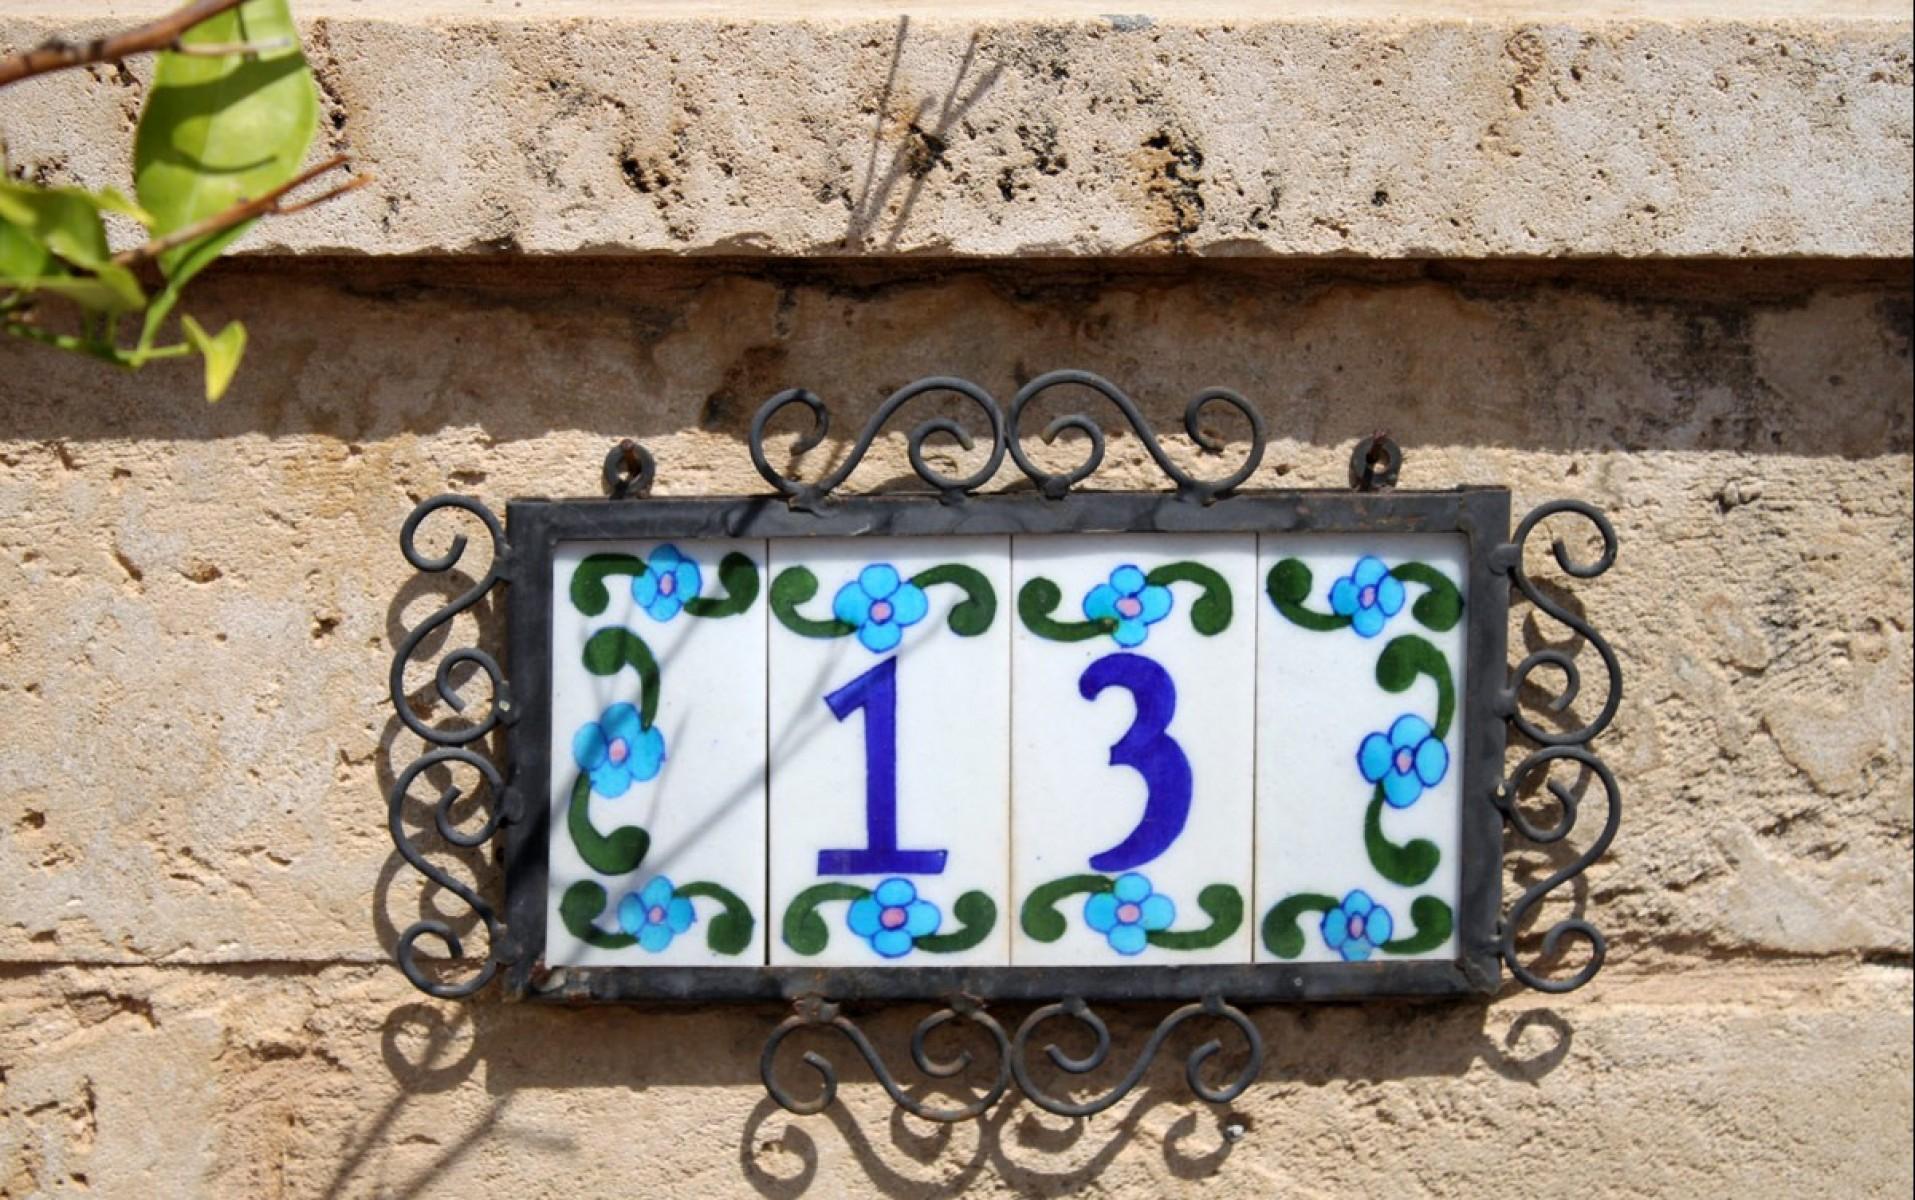 אריחים מאויירים במספרים ואותיות